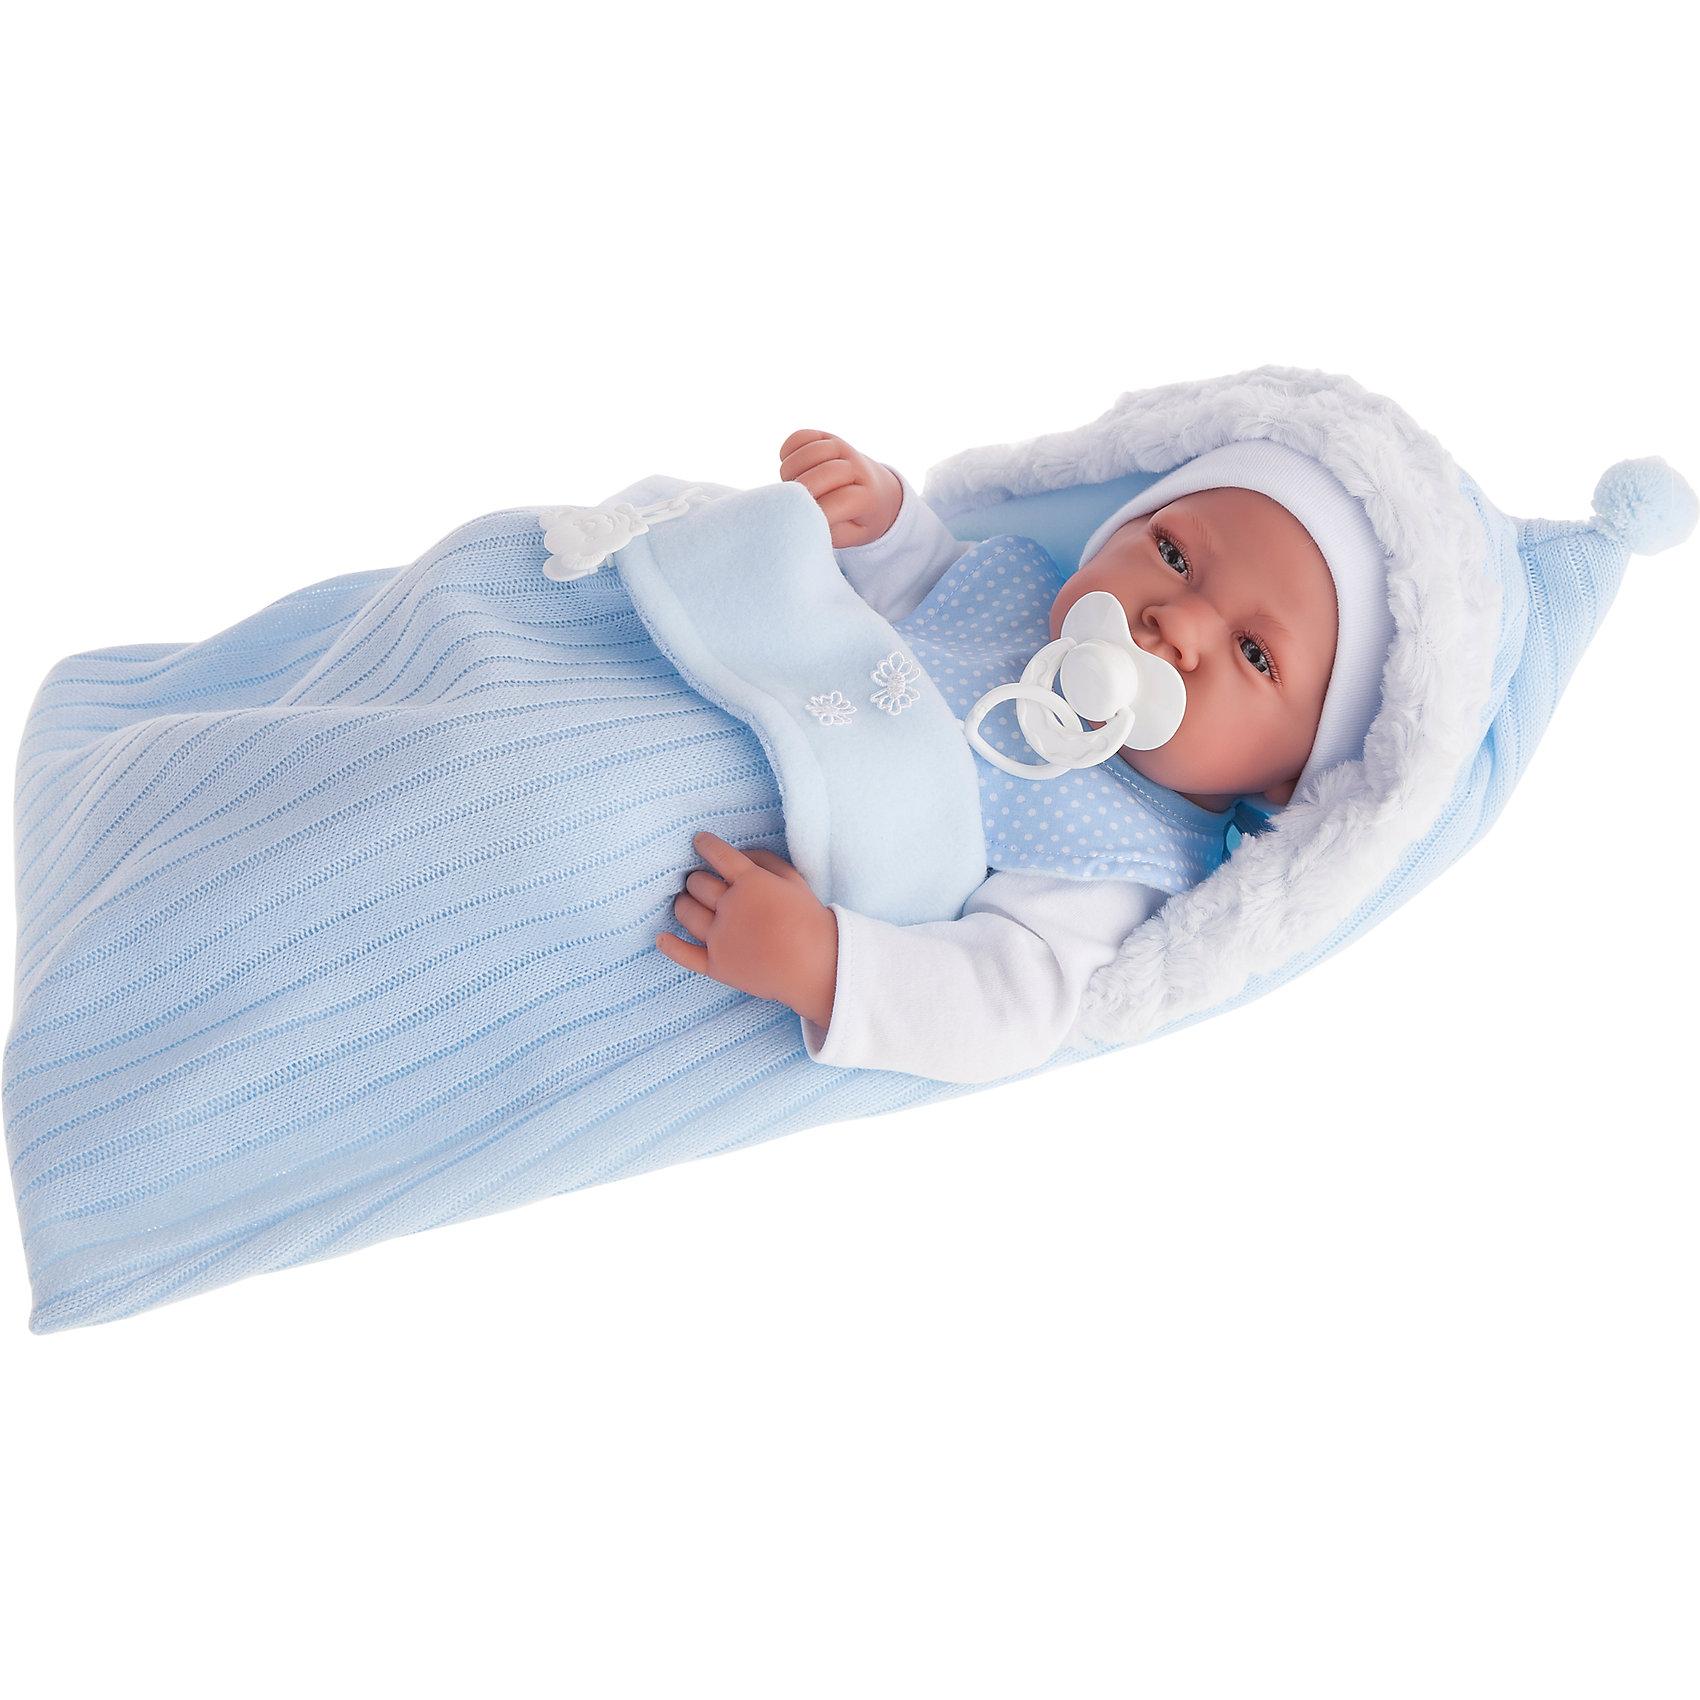 Кукла-младенец Хьюго, 42 см, Munecas Antonio JuanКлассические куклы<br>Кукла-младенец Хьюго, 42 см, Munecas Antonio Juan (Мунекас Антонио Хуан).<br><br>Характеристики:<br><br>- Комплектация: кукла, конверт, соска<br>- Материал: винил, текстиль<br>- Высота куклы: 42 см.<br>- Глаза не закрываются<br>- Упаковка: яркая подарочная коробка<br><br>Малыш Хьюго невероятно похож на настоящего младенца. Анатомическая точность, с которой выполнена кукла, поражает! Выразительные глазки, маленький носик, пушистые ресницы, нежные щечки, пухлые губки, милые «перевязочки» на ручках и ножках придают кукле реалистичный вид и вызывают только самые положительные и добрые эмоции. Хьюго одет нежно-голубой комбинезончик и беленькую шапочку. Младенец лежит в мягком утепленном конверте голубого цвета с меховой оторочкой на капюшоне. У Хьюго есть любимая соска. Кукла изготовлена из высококачественного винила с покрытием софт тач, мягкого и приятного на ощупь. Голова, ручки и ножки подвижны. Кукла соответствует всем нормам и требованиям к качеству детских товаров. Образы малышей Мунекас разработаны известными европейскими дизайнерами. Они натуралистичны, анатомически точны.<br><br>Куклу-младенца Хьюго, 42 см, Munecas Antonio Juan (Мунекас Антонио Хуан) можно купить в нашем интернет-магазине.<br><br>Ширина мм: 450<br>Глубина мм: 390<br>Высота мм: 170<br>Вес г: 1230<br>Возраст от месяцев: 36<br>Возраст до месяцев: 2147483647<br>Пол: Женский<br>Возраст: Детский<br>SKU: 5055423